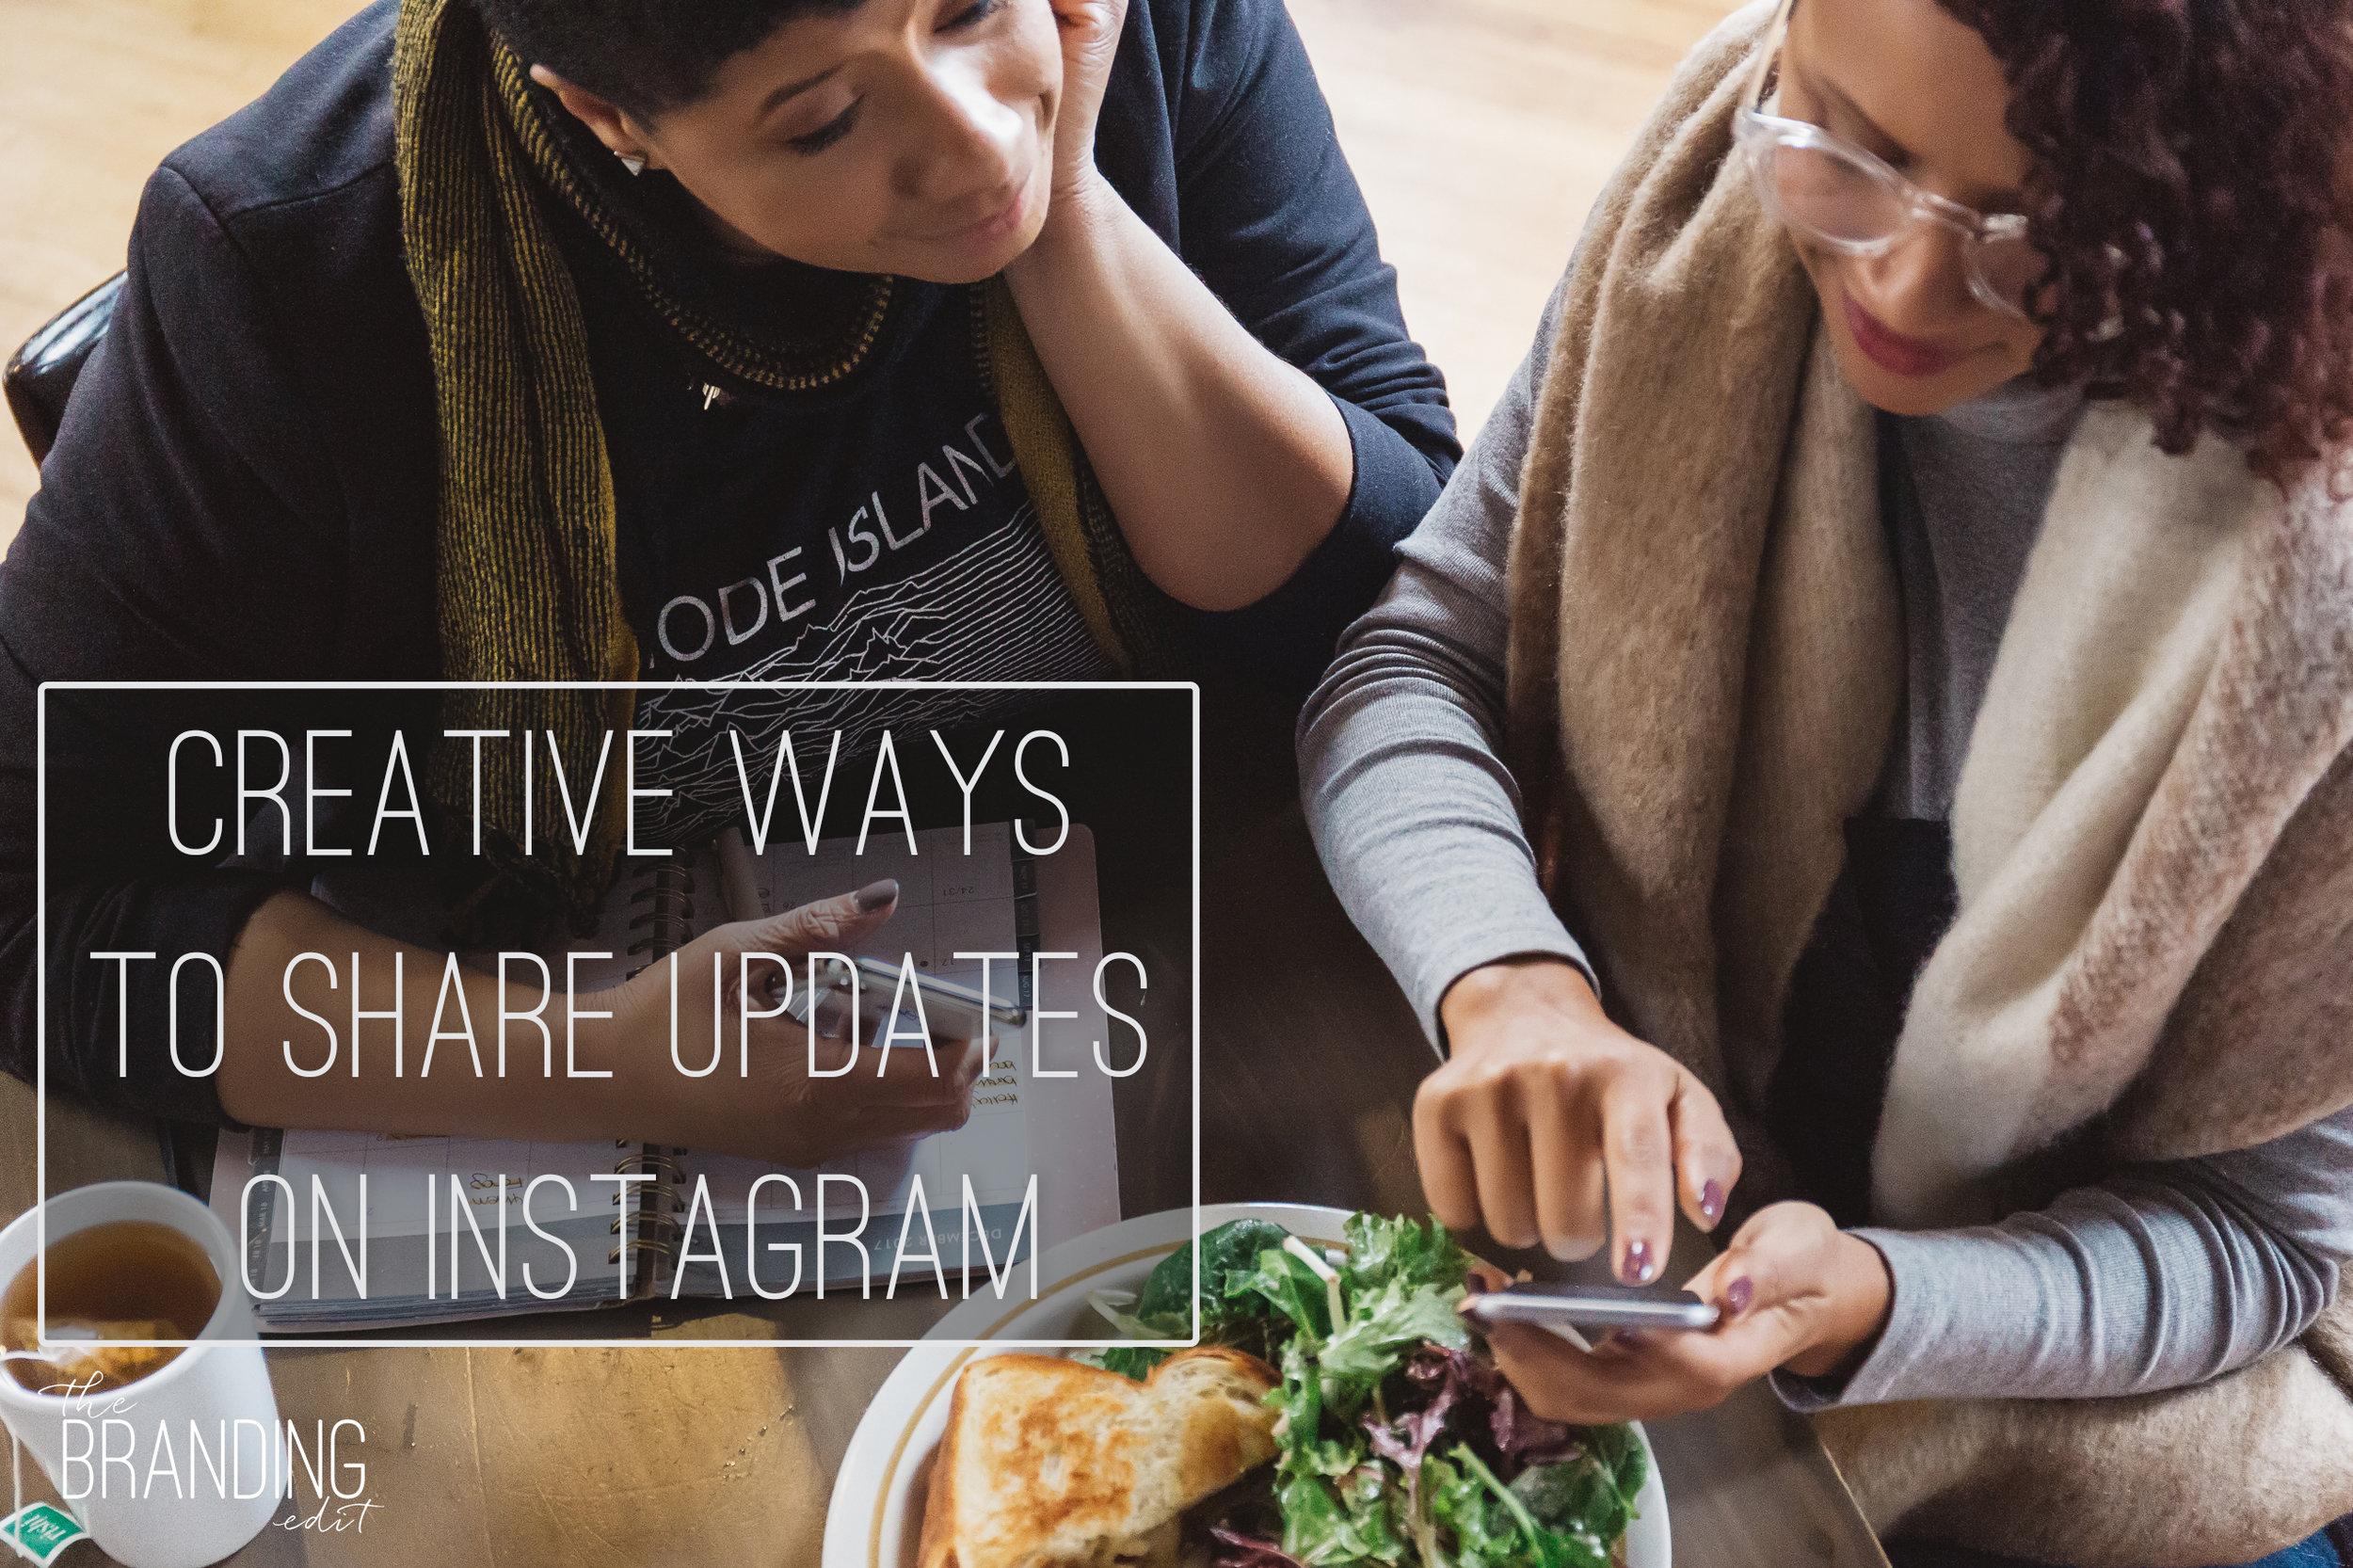 creativeways_updates.jpg